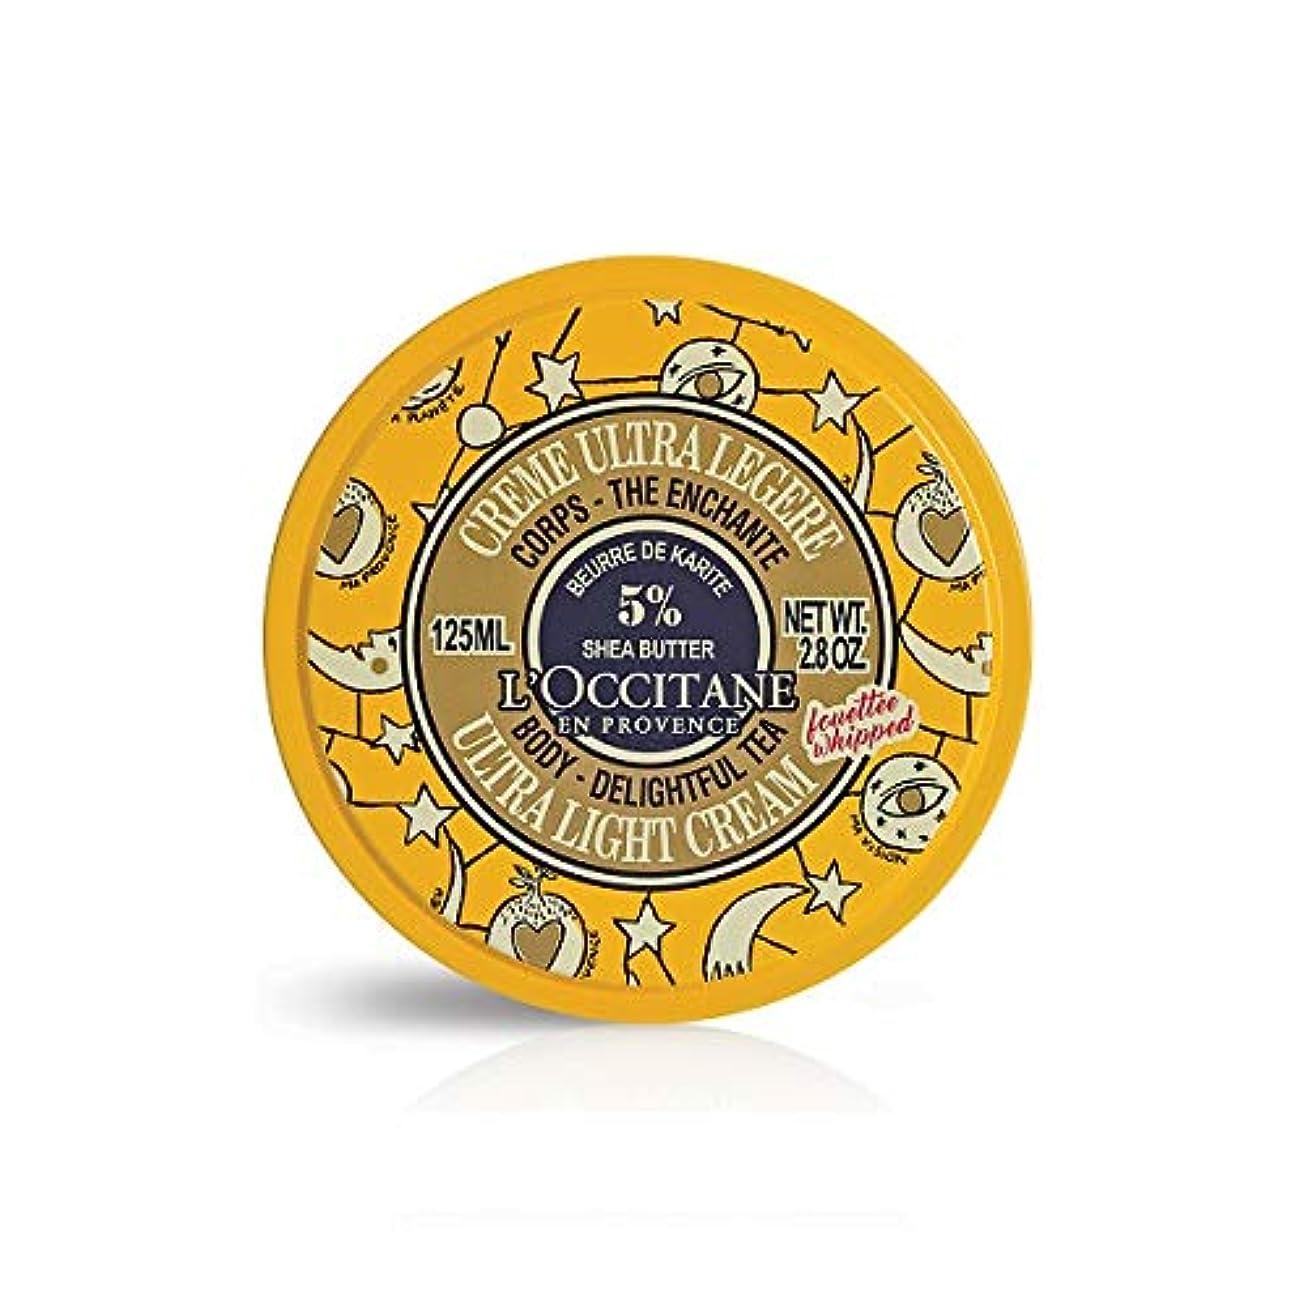 一般的に言えば連邦方法ロクシタン(L'OCCITANE) ジョイフルスター スノーシア ボディクリーム(ディライトフルティー) 125ml